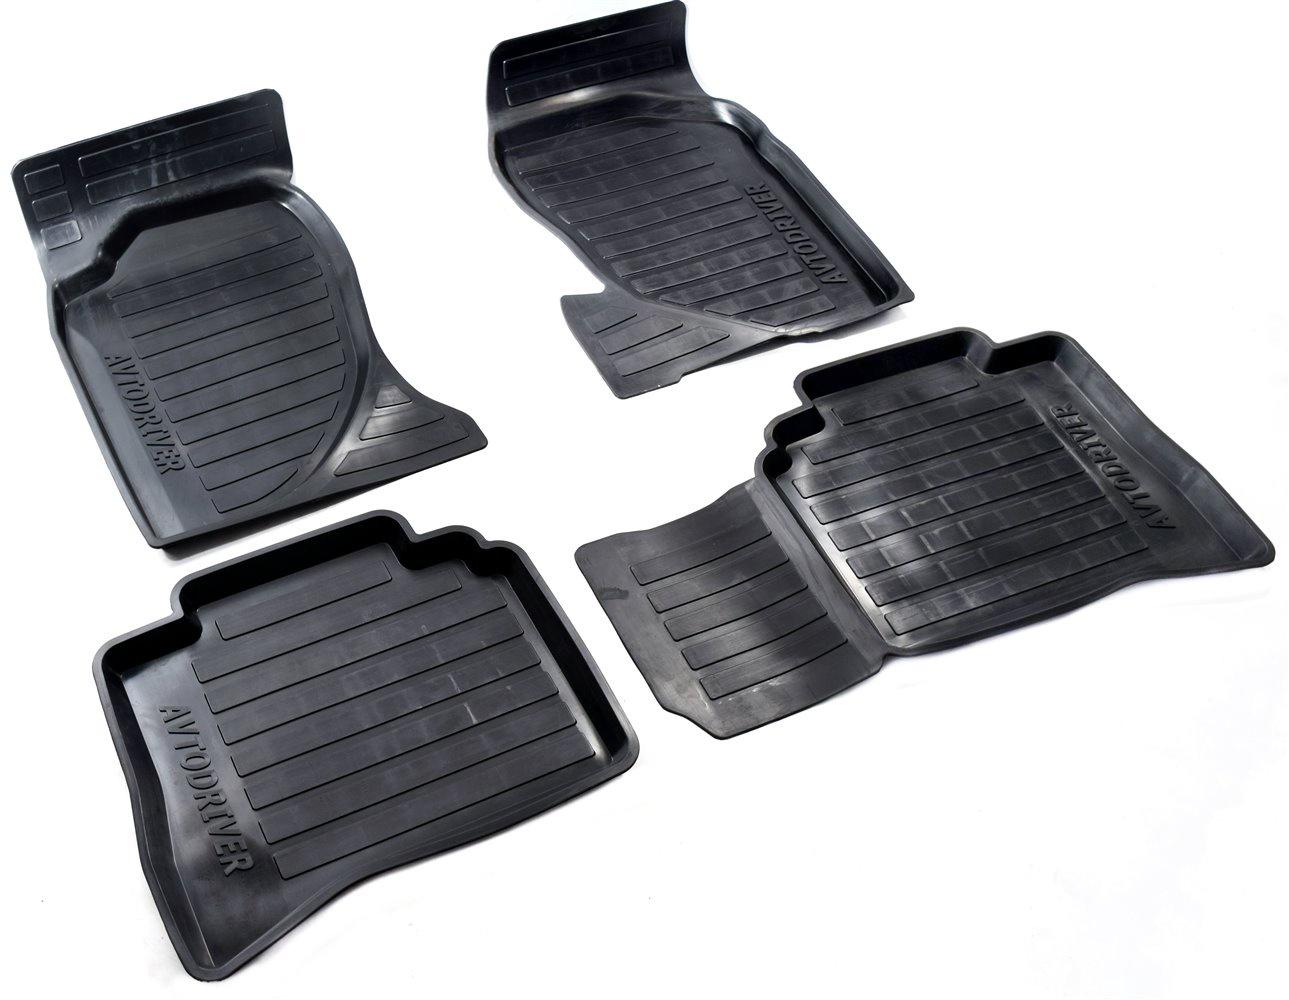 Коврики в салон автомобиля Avtodriver, для Great Wall Hover H3, 2010-, ADRJET044, резиновые, с бортиком, черный дефлекторы на окна с хромом для great wall hover m4 2012